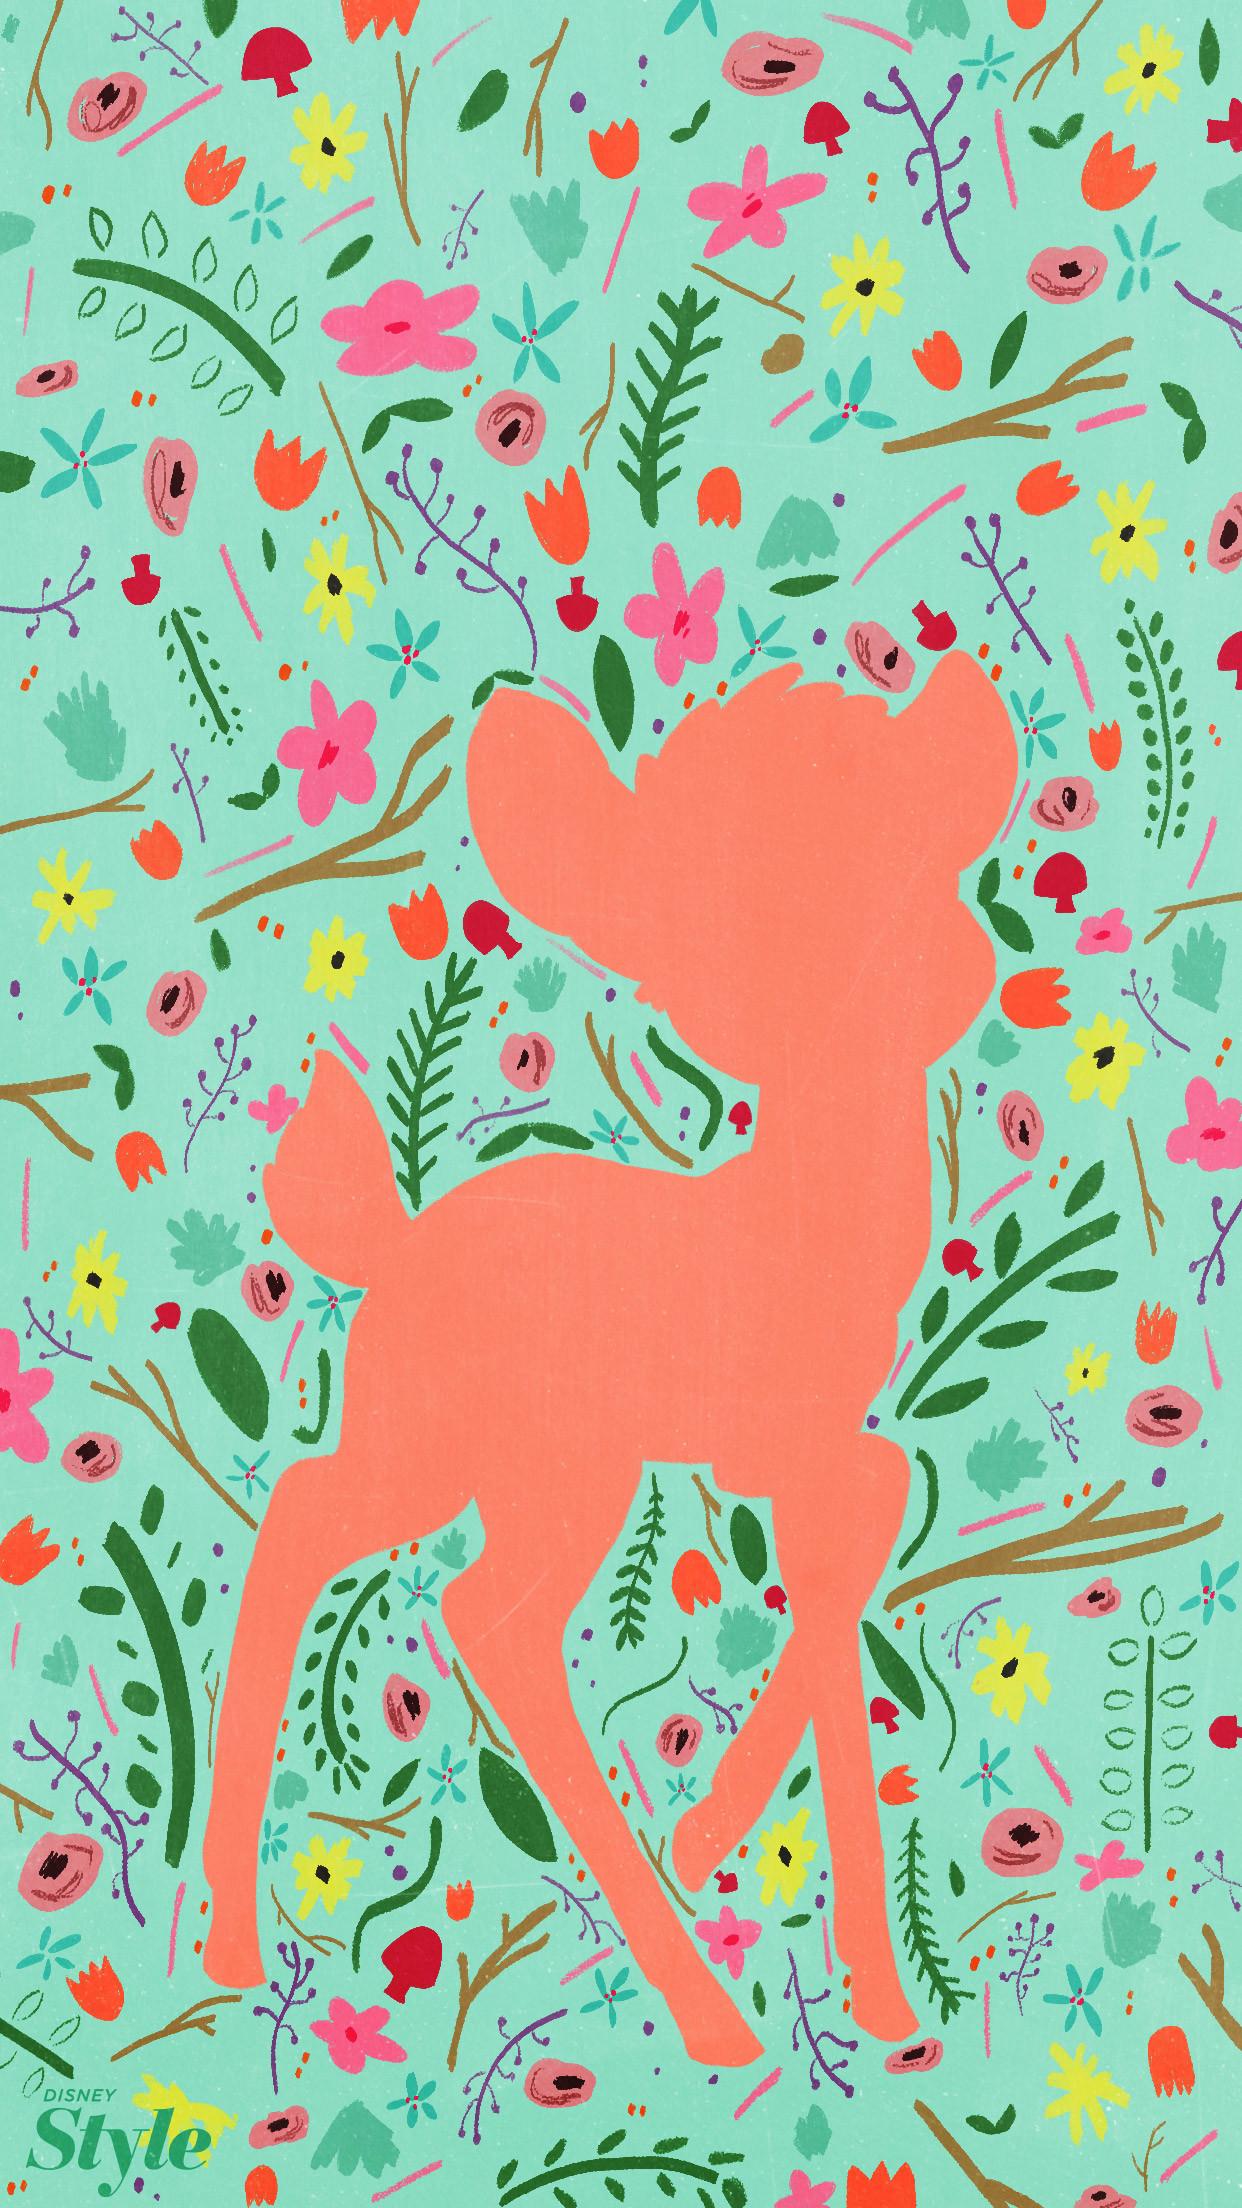 style_springwallpaper_6_bambi_v7. style_SpringWallpaper_Tangled.  style_springwallpaper_6plus_aliceinwonderland2